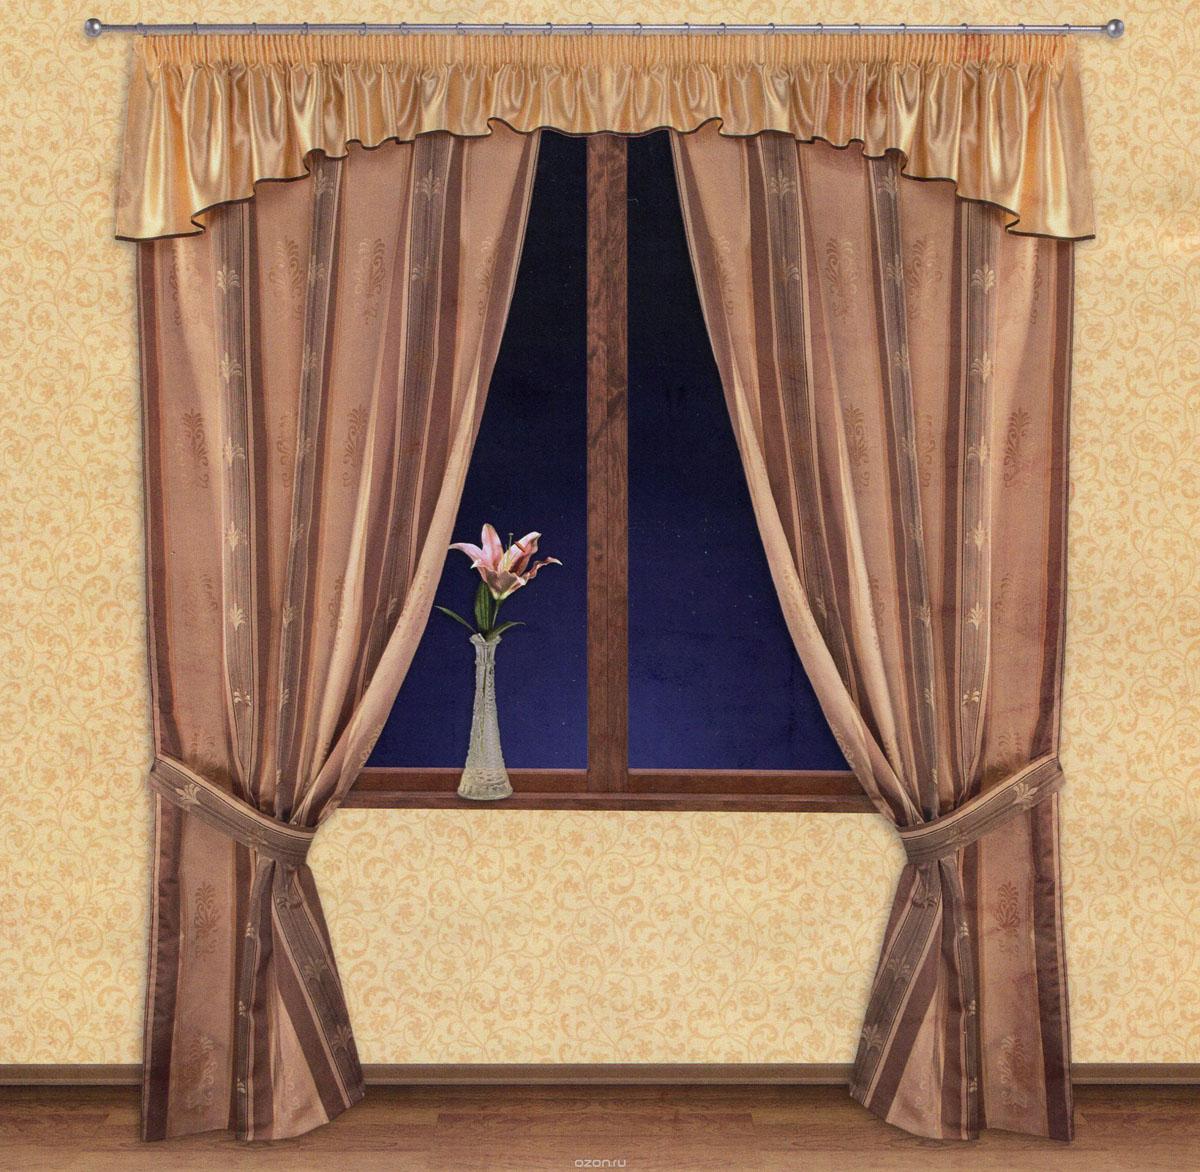 Комплект штор Zlata Korunka, на ленте, цвет: бежевый, коричневый, высота 250 см. 55516SVC-300Роскошный комплект штор Zlata Korunka, выполненный из ткани барокко и шанзализе (100% полиэстера), великолепно украсит любое окно. Комплект состоит из двух портьер, ламбрекена и двух подхватов. Плотная ткань, оригинальный орнамент и приятная, приглушенная гамма привлекут к себе внимание и органично впишутся в интерьер помещения. Комплект крепится на карниз при помощи шторной ленты, которая поможет красиво и равномерно задрапировать верх. Портьеры можно зафиксировать в одном положении с помощью двух подхватов. Этот комплект будет долгое время радовать вас и вашу семью! В комплект входит: Портьера: 2 шт. Размер (ШхВ): 140 см х 250 см. Ламбрекен: 1 шт. Размер (ШхВ): 400 см х 50 см.Подхват: 2 шт. Размер (ШхВ): 60 см х 10 см.